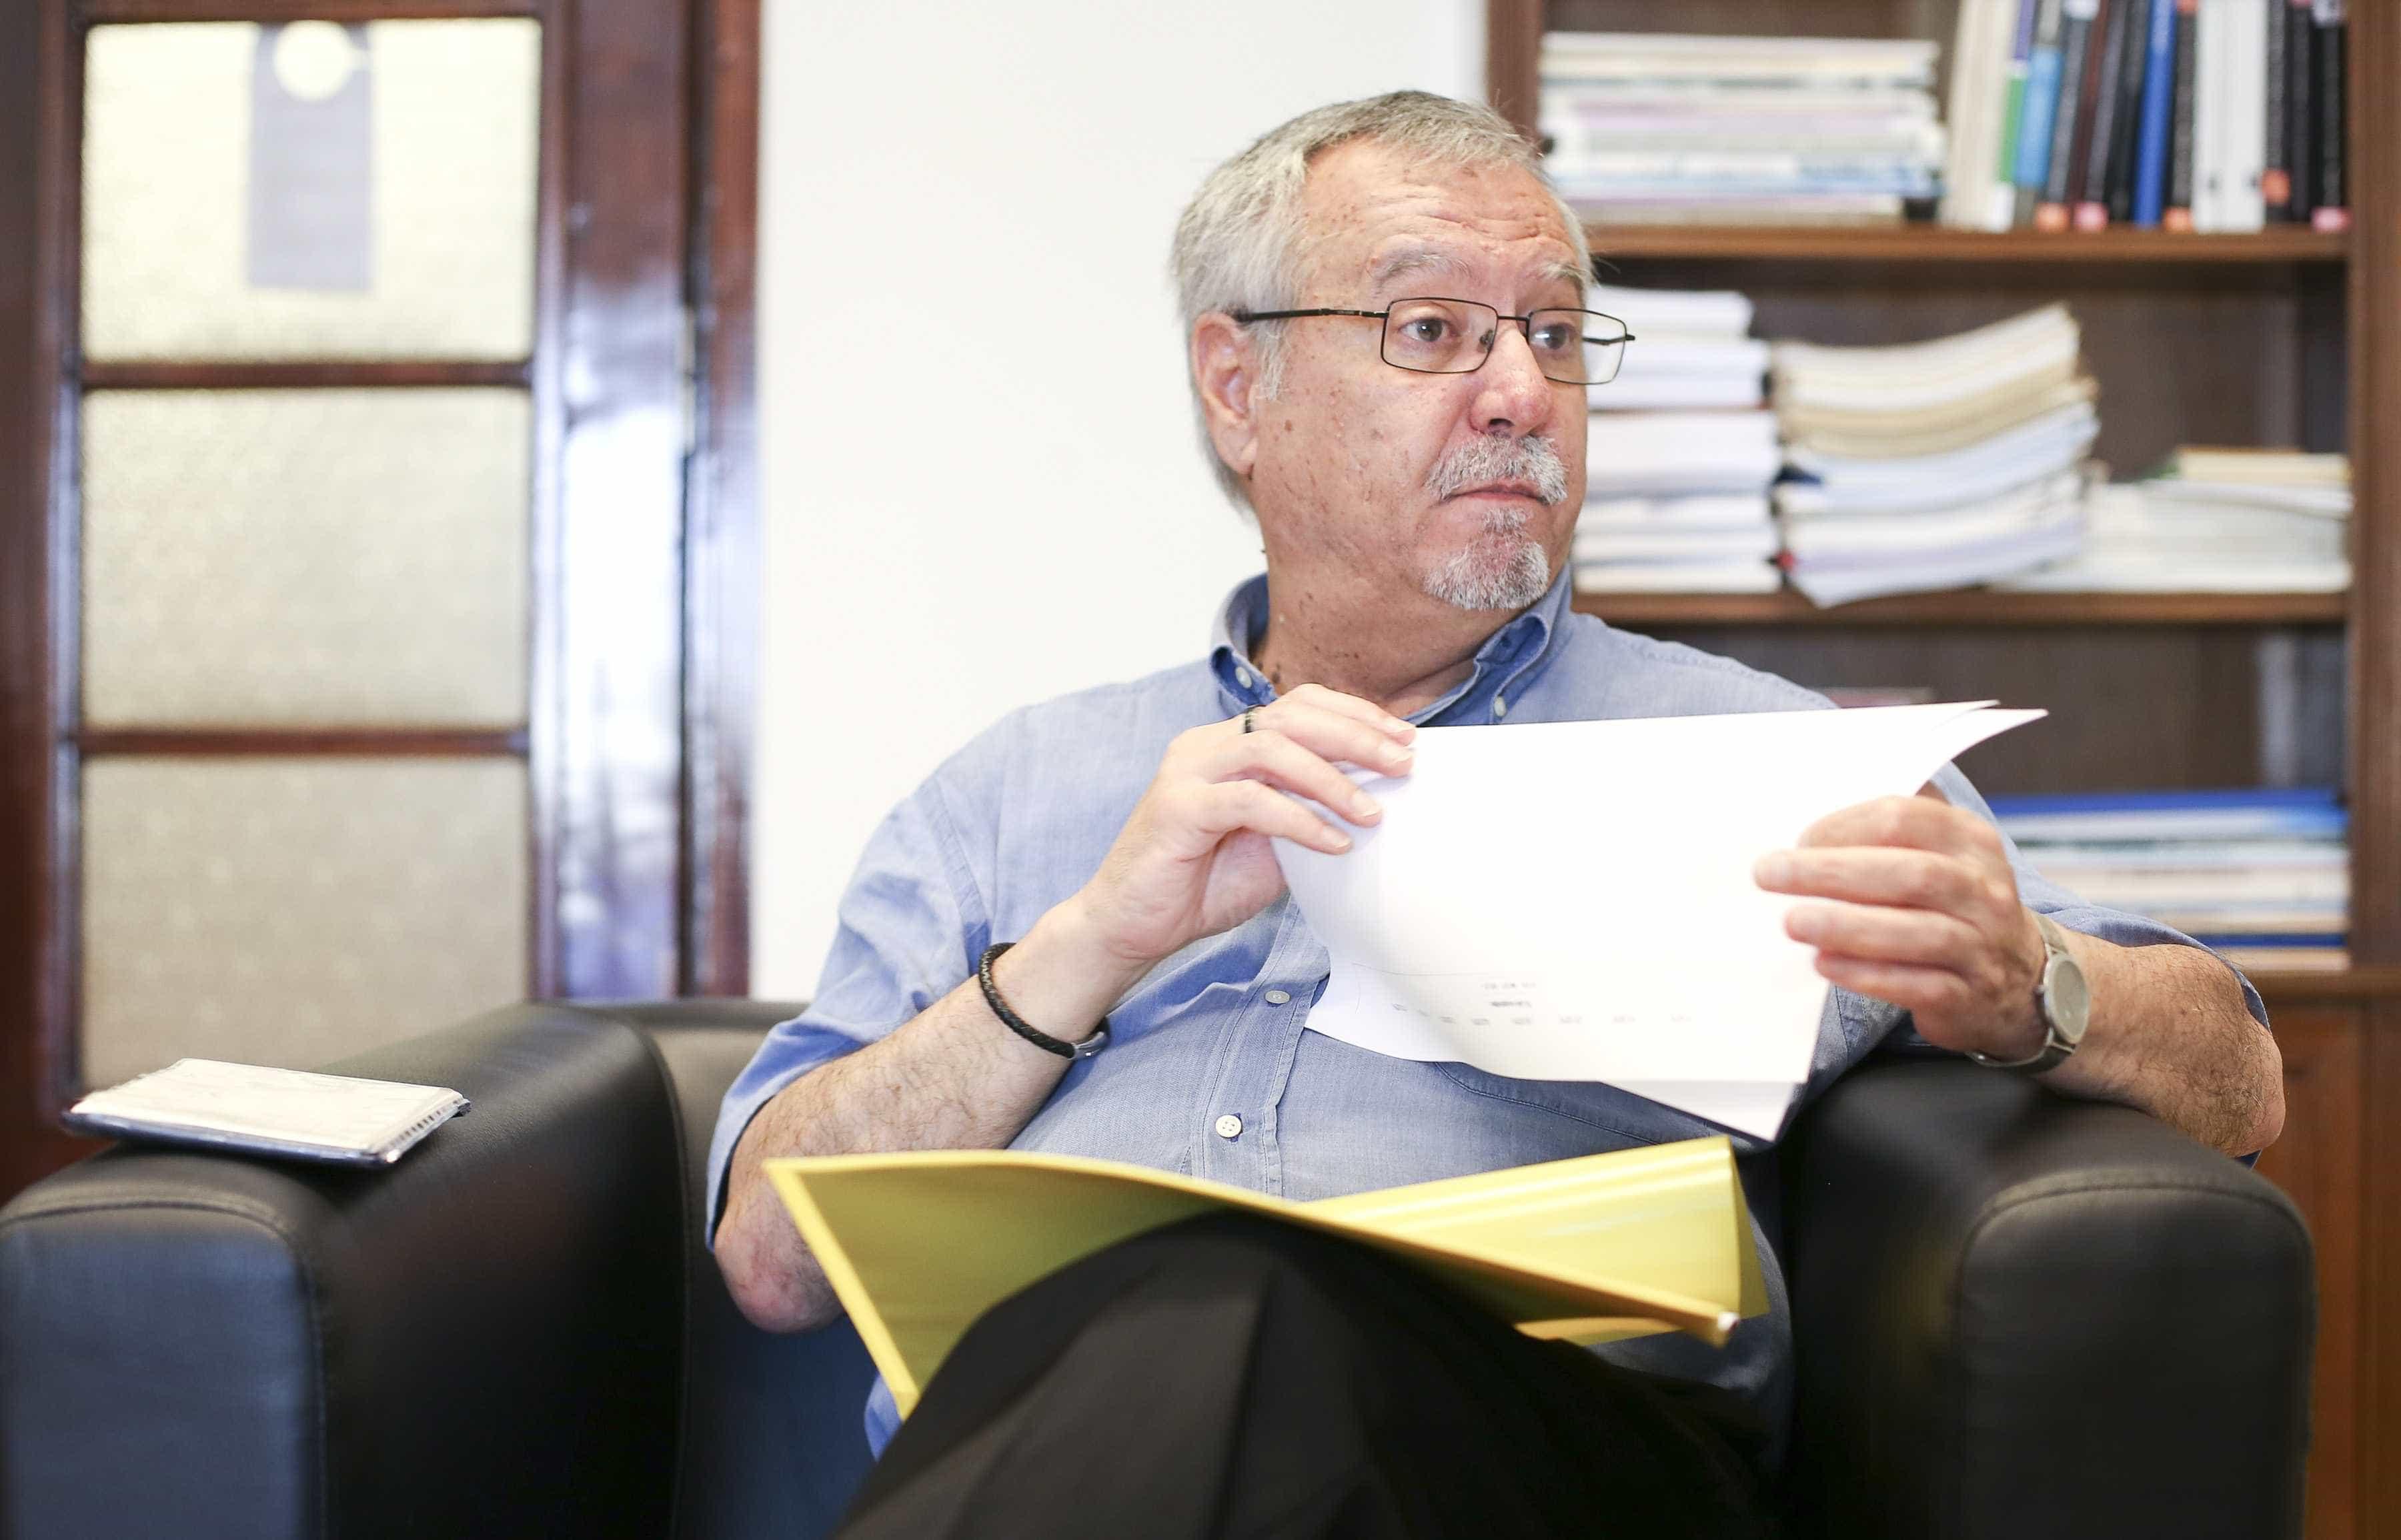 Morreu Jorge Miguéis, membro da Comissão Nacional de Eleições